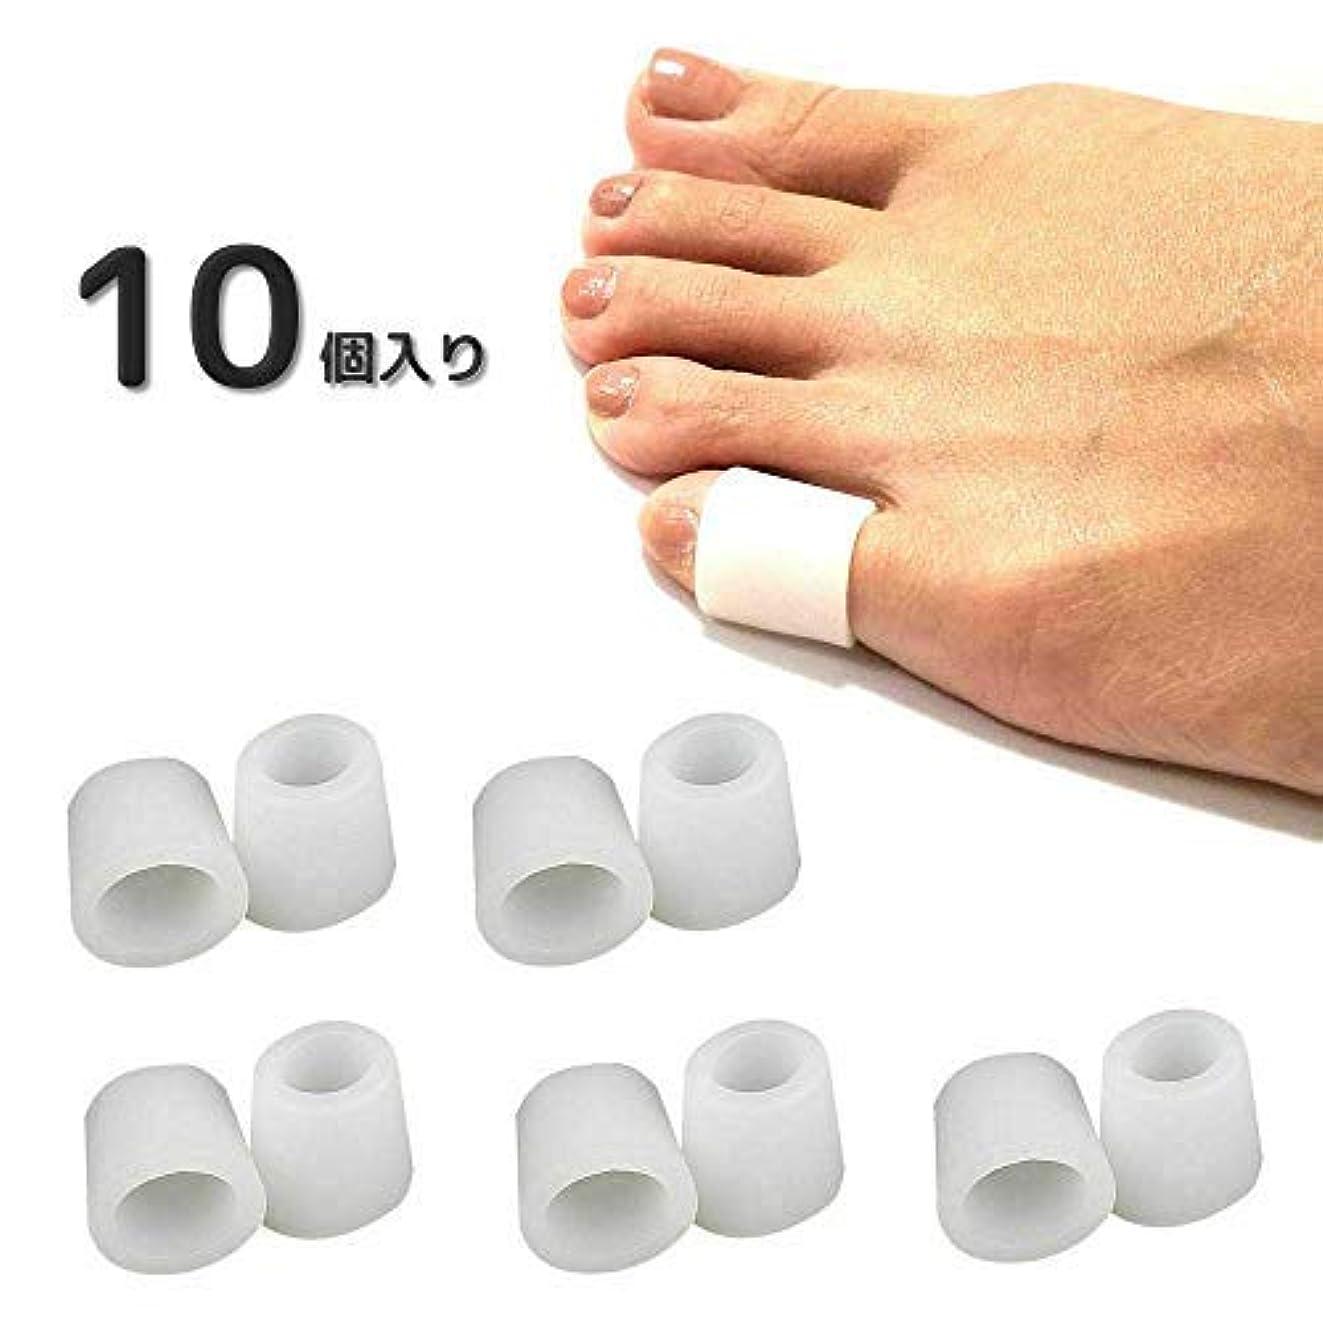 成人期インストール衝突する足指 足爪 保護キャップ 小指 5ペア ジェル 足指キャップ プロテクター スリーブ 水疱 陥入爪 爪損傷 摩擦疼痛などの緩和 男女兼用(10個入り) (Aタイプ)